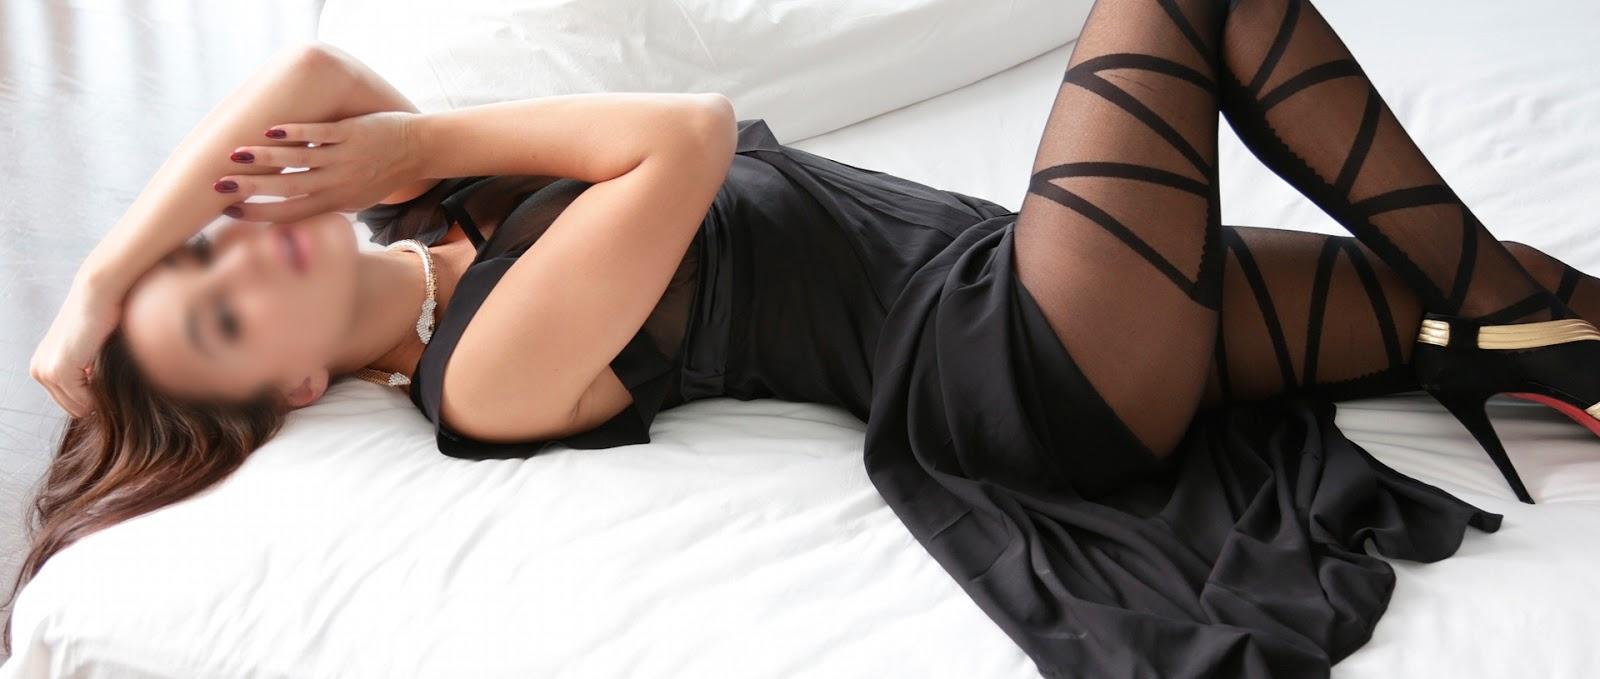 servicio de acompañantes sexuales peruanas folladoras